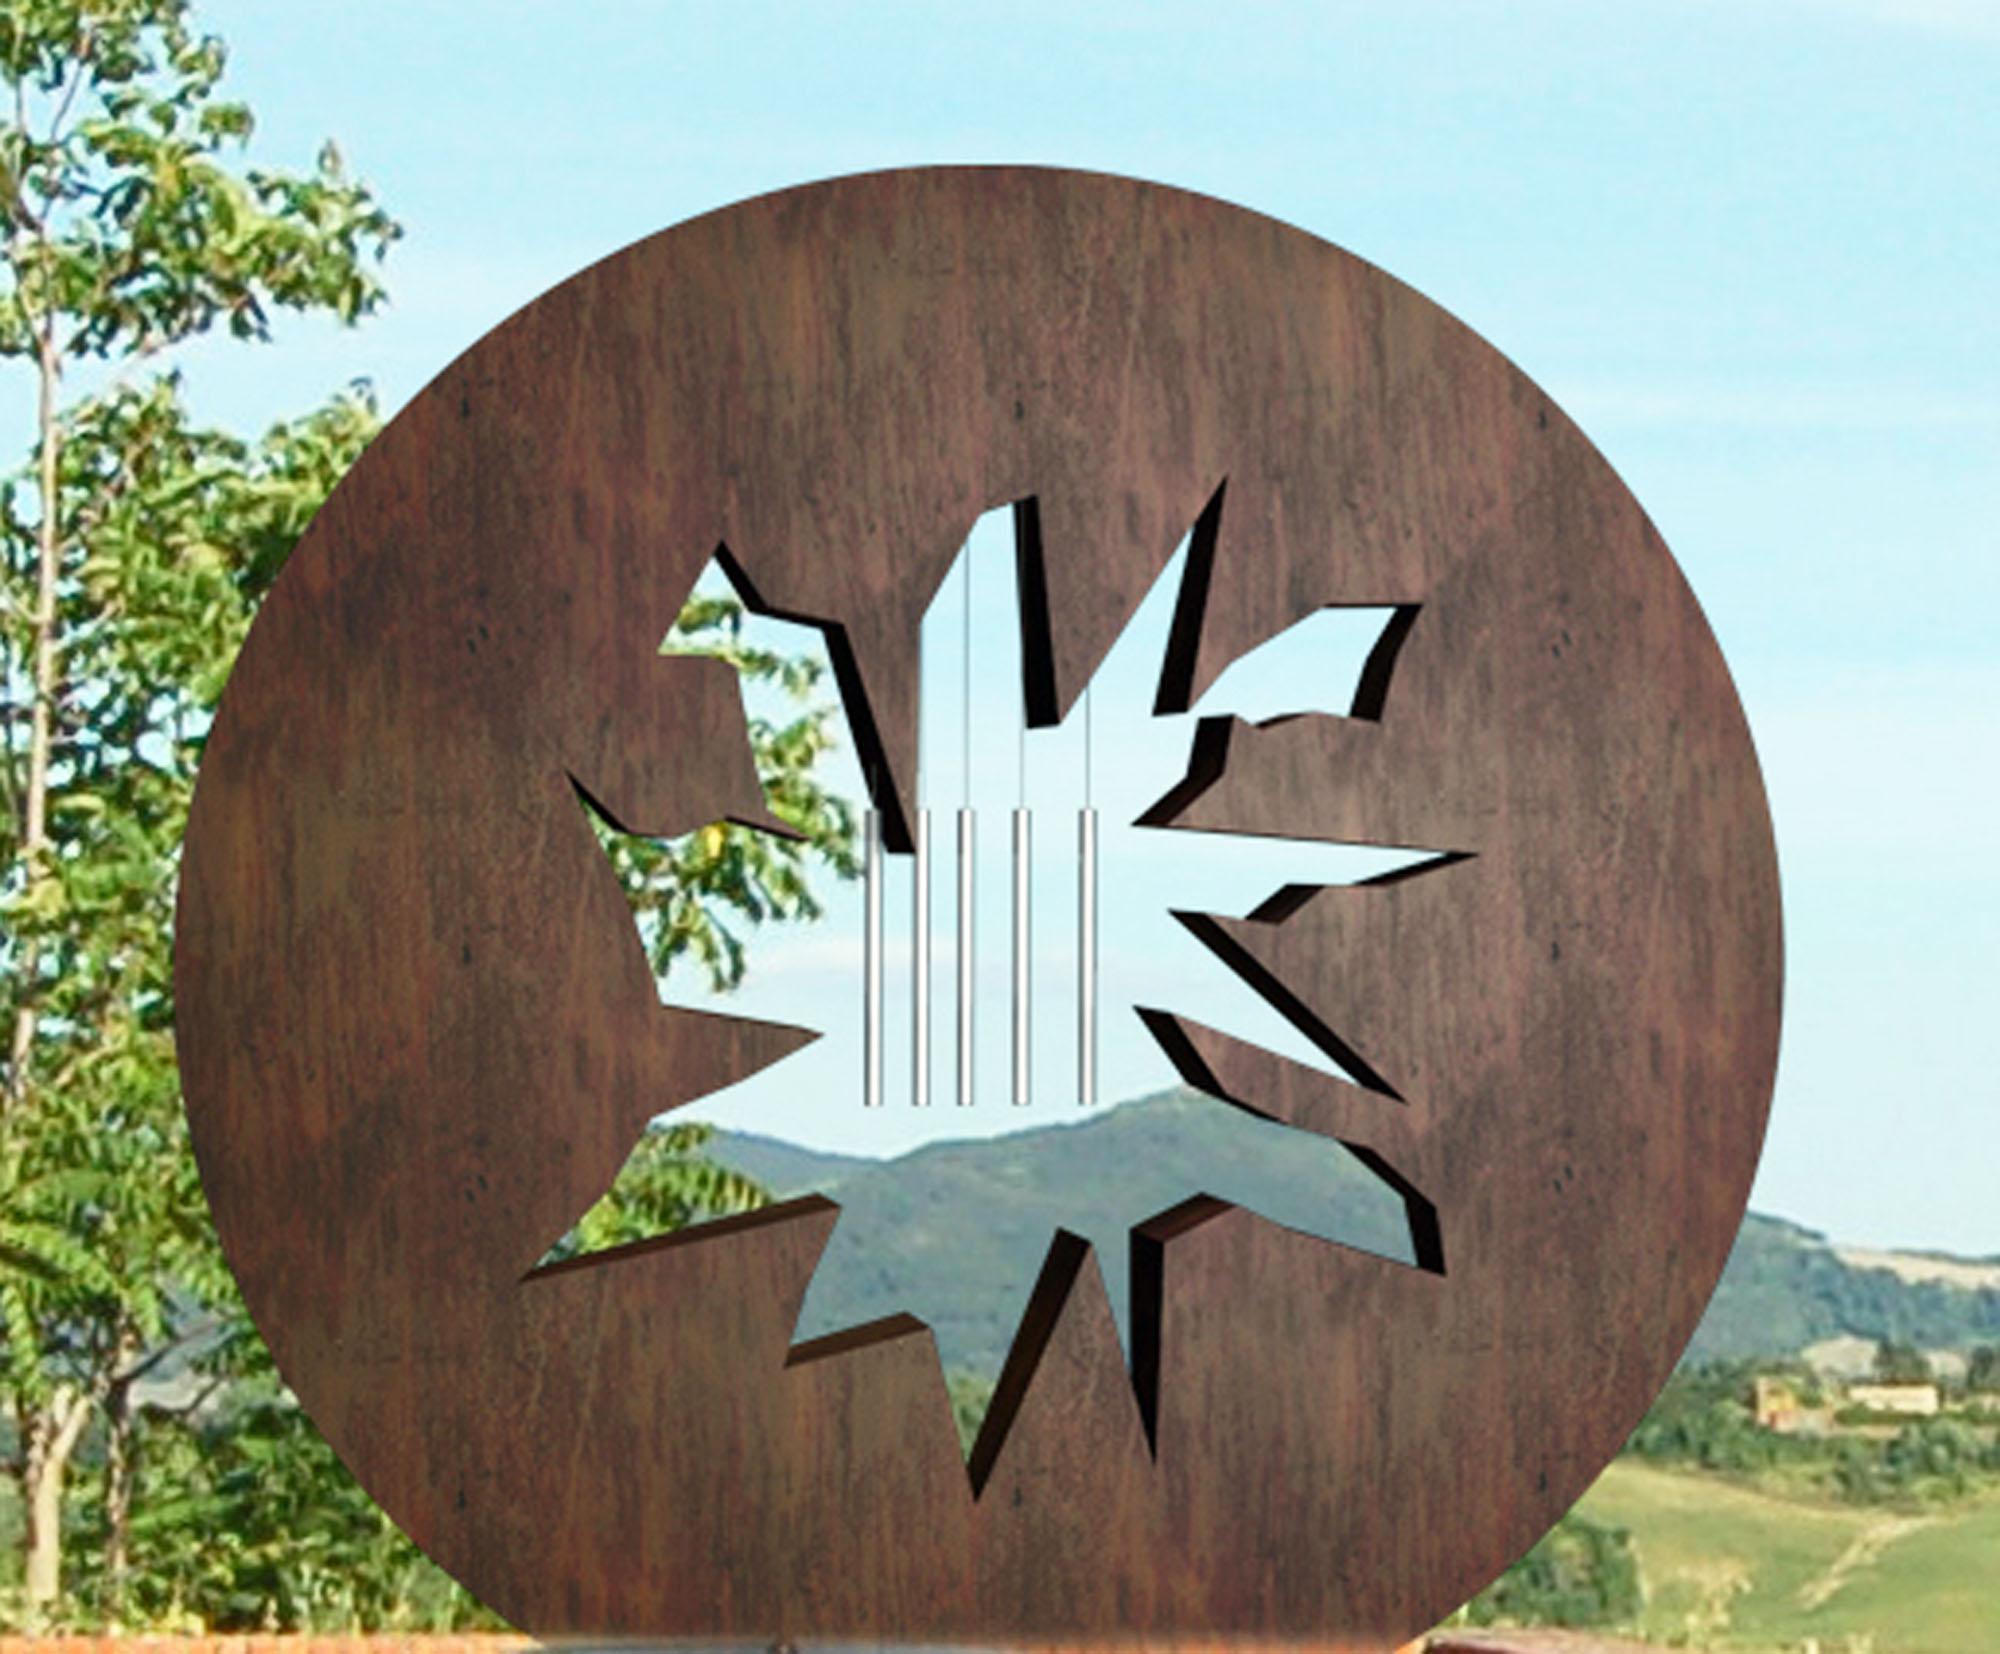 maurizio-balducci-artista-contemporaneo-installazioni-1